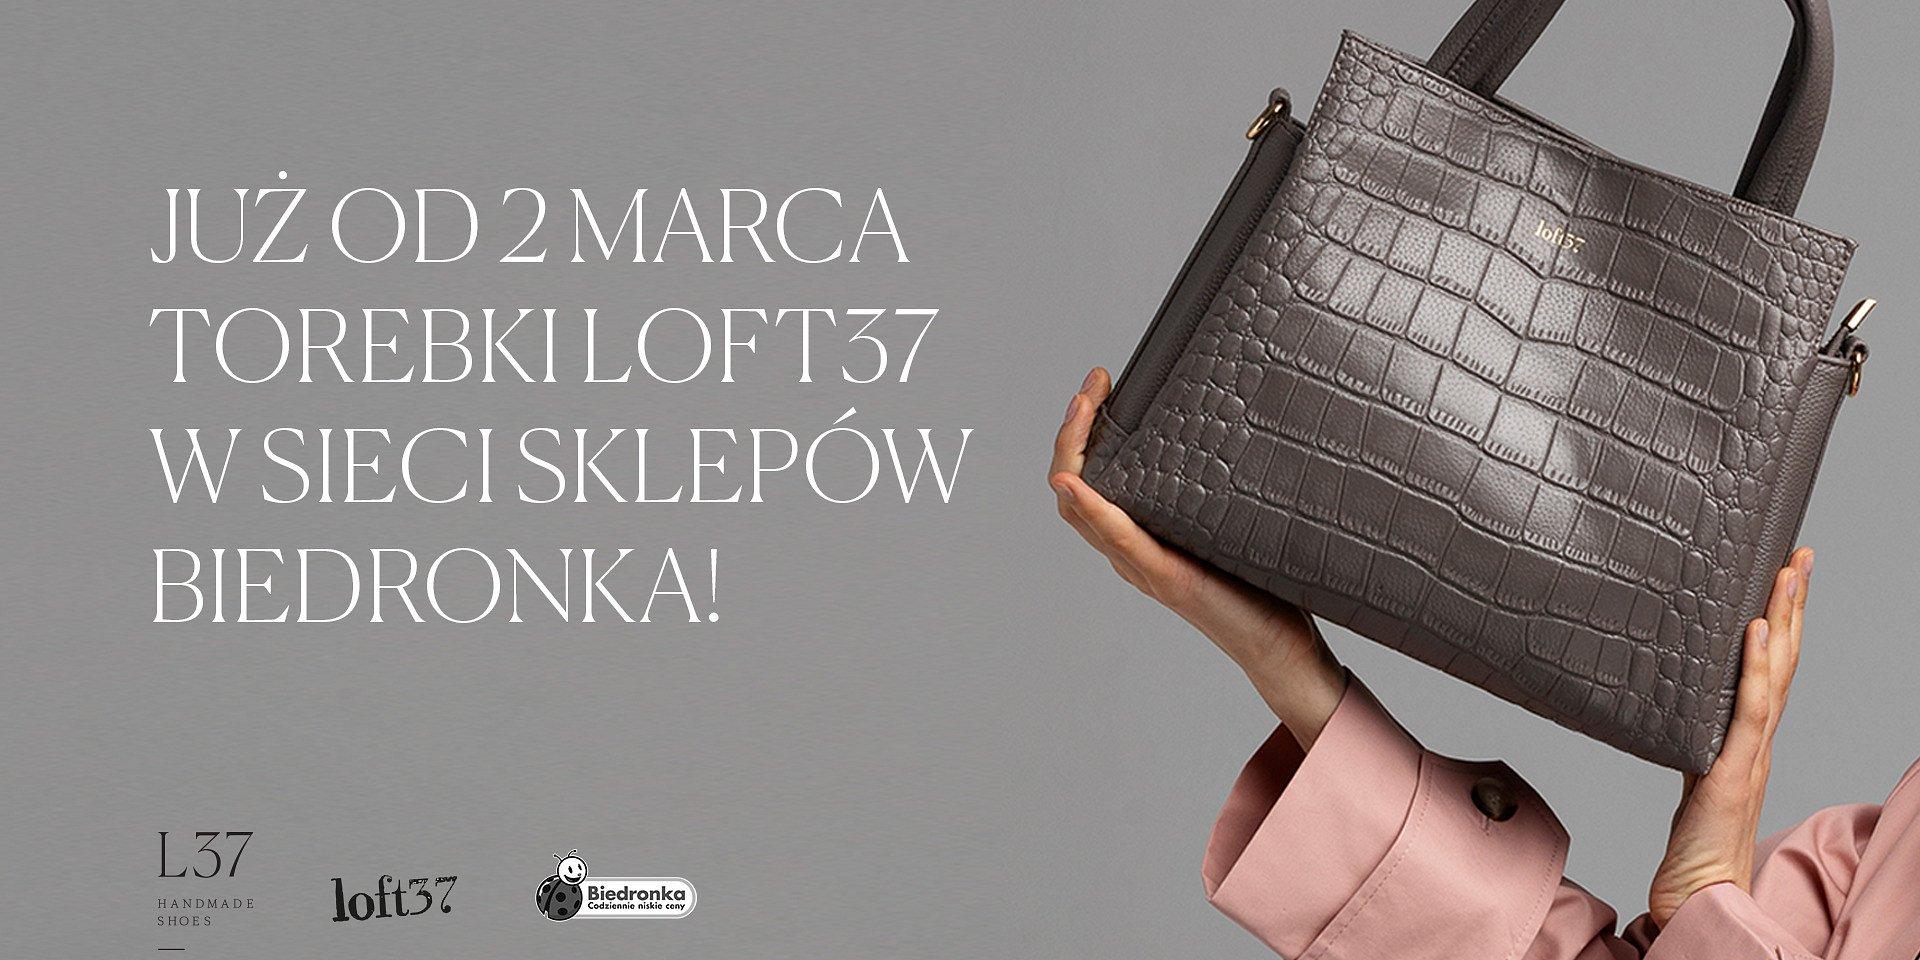 Luksus na wyciągnięcie ręki – torebki Loft37 w Biedronce!